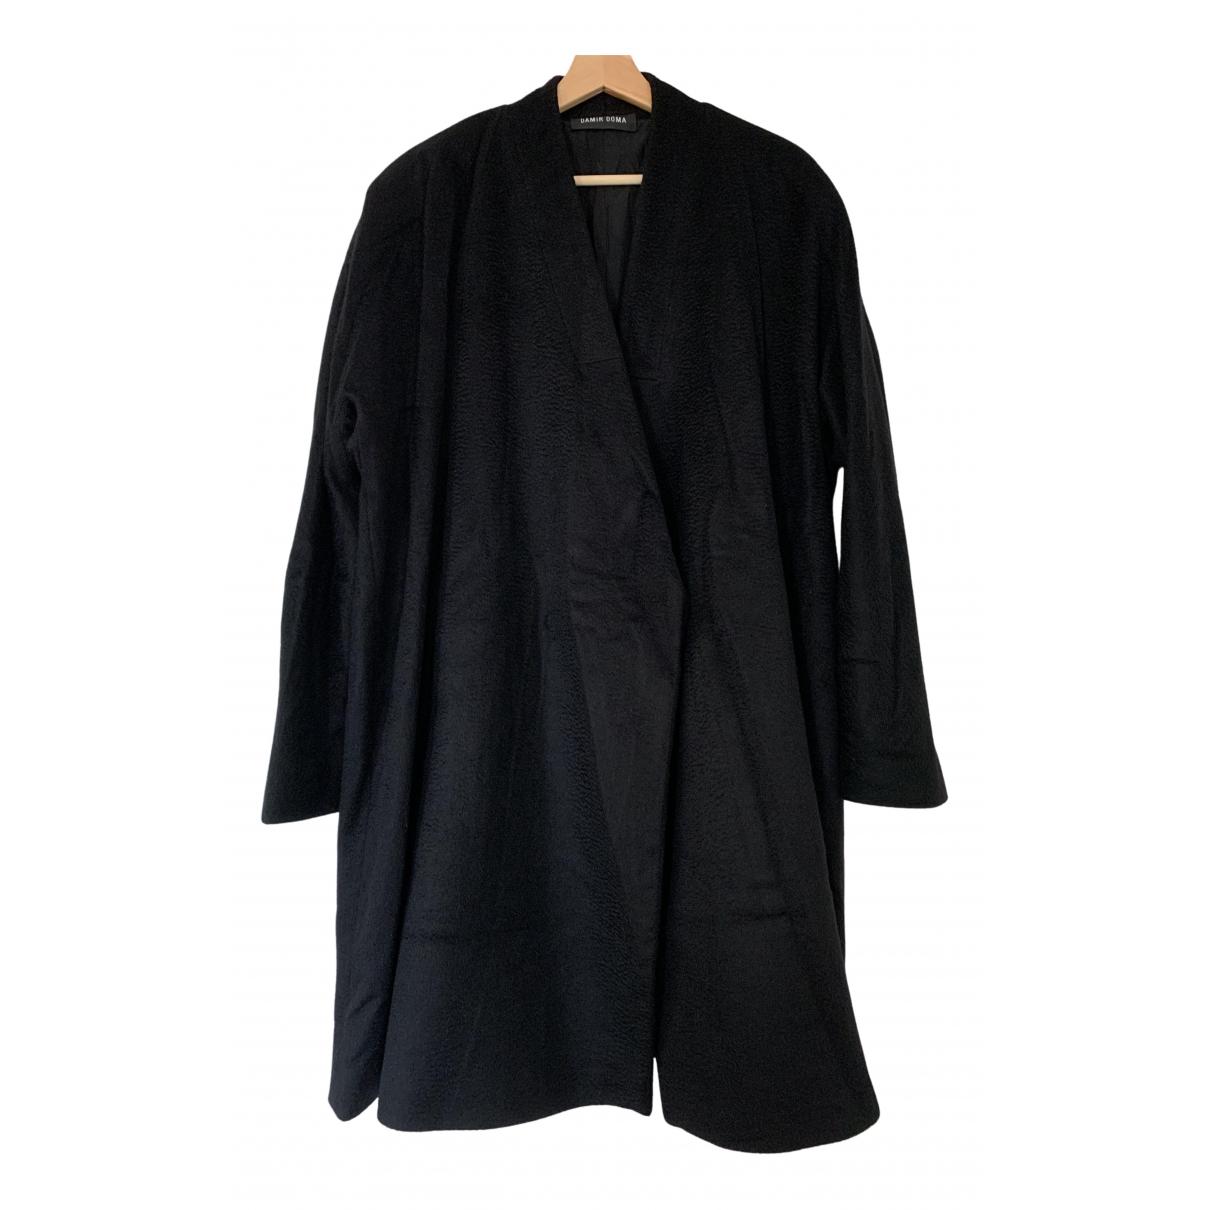 Damir Doma N Black Cashmere coat for Women 38 FR